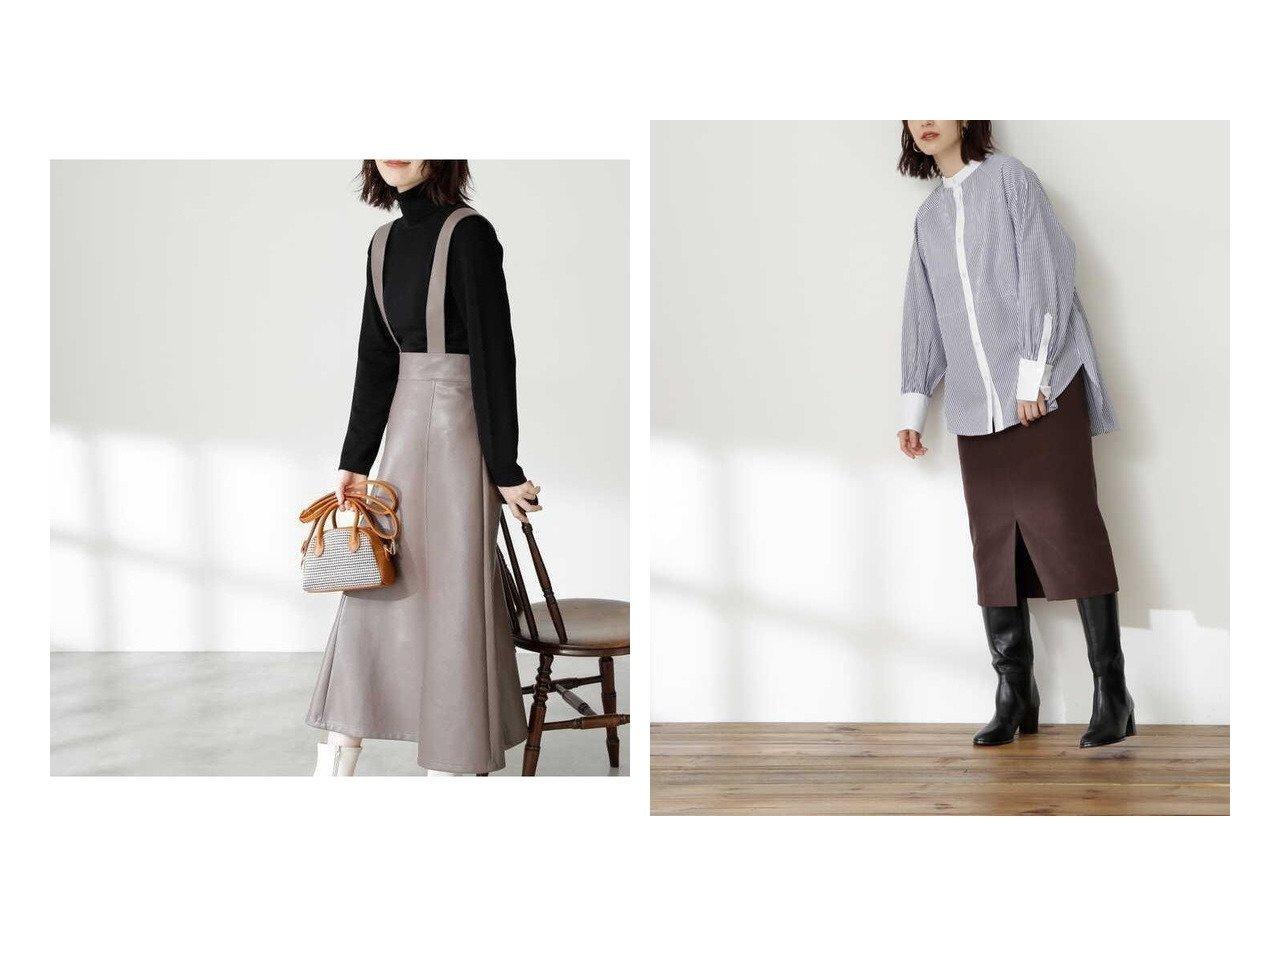 【N.Natural Beauty basic/エヌ ナチュラルビューティーベーシック】のピーチタイトスカート《S Size Line》&フェイクレザーサス付スカート《S Size Line》 【スカート】おすすめ!人気、トレンド・レディースファッションの通販 おすすめで人気の流行・トレンド、ファッションの通販商品 インテリア・家具・メンズファッション・キッズファッション・レディースファッション・服の通販 founy(ファニー) https://founy.com/ ファッション Fashion レディースファッション WOMEN スカート Skirt おすすめ Recommend サスペンダー スニーカー シンプル スリット センター バランス ピーチ ロング  ID:crp329100000065217